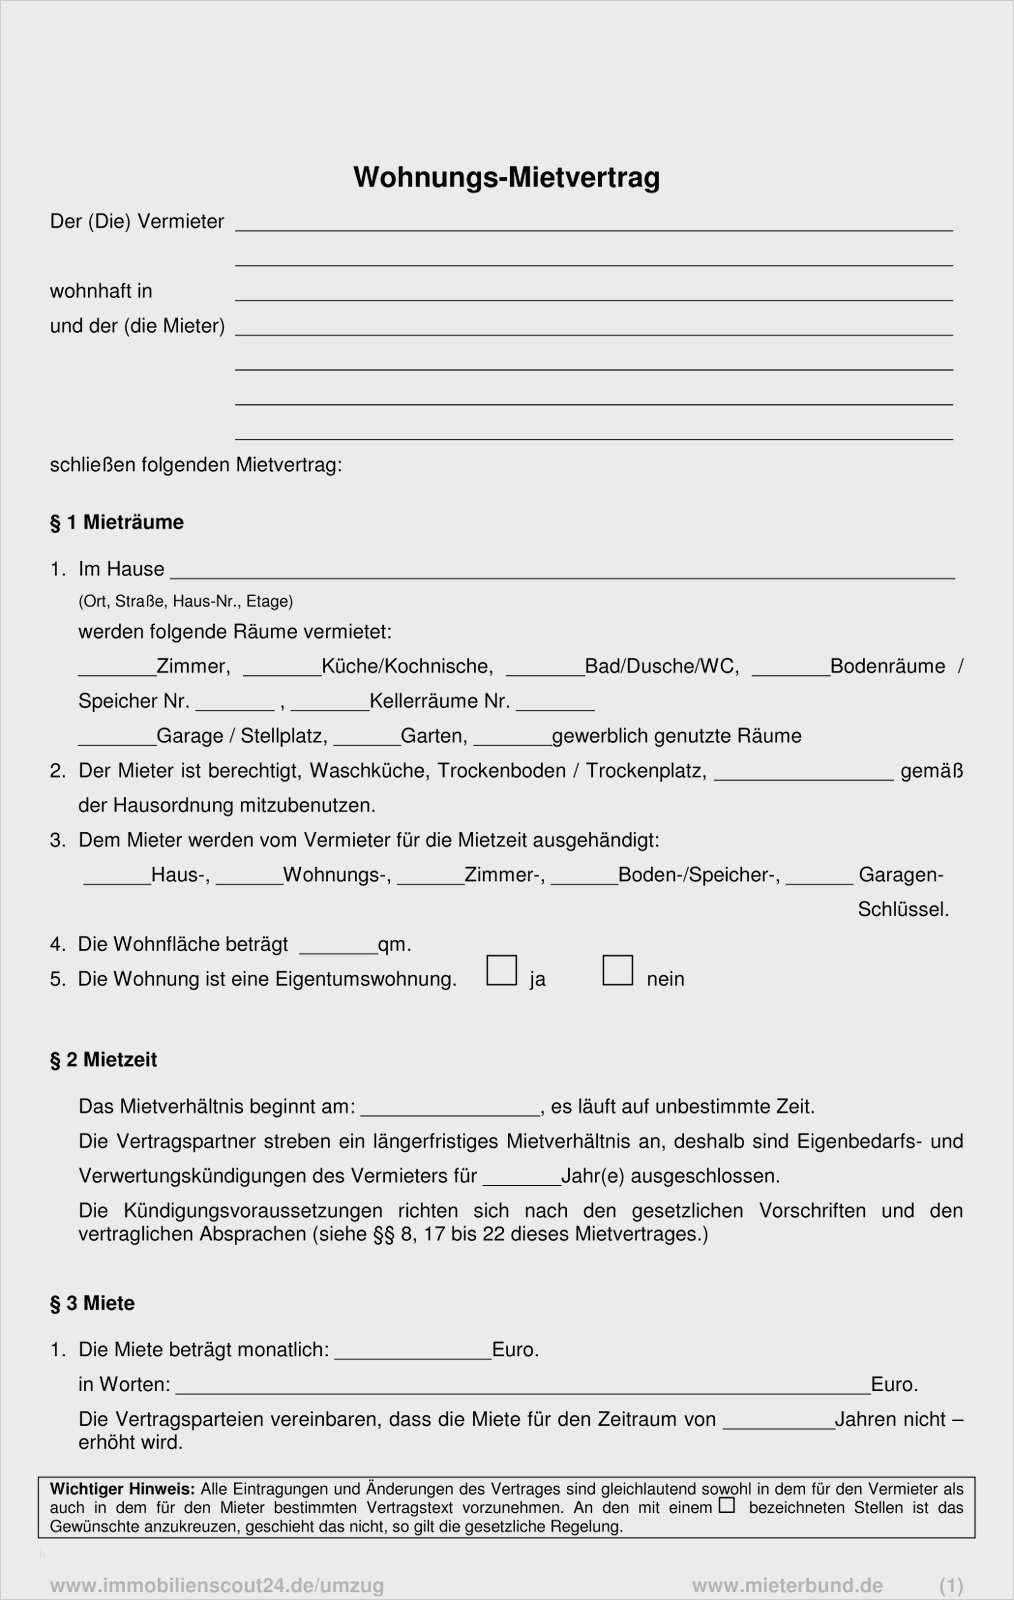 Mietvertrag Vorlage Befristet 40 Gut Diese Konnen Anpassen In Ms Word In 2020 Vorlagen Lebenslauf Vorlagen Word Vorlagen Word